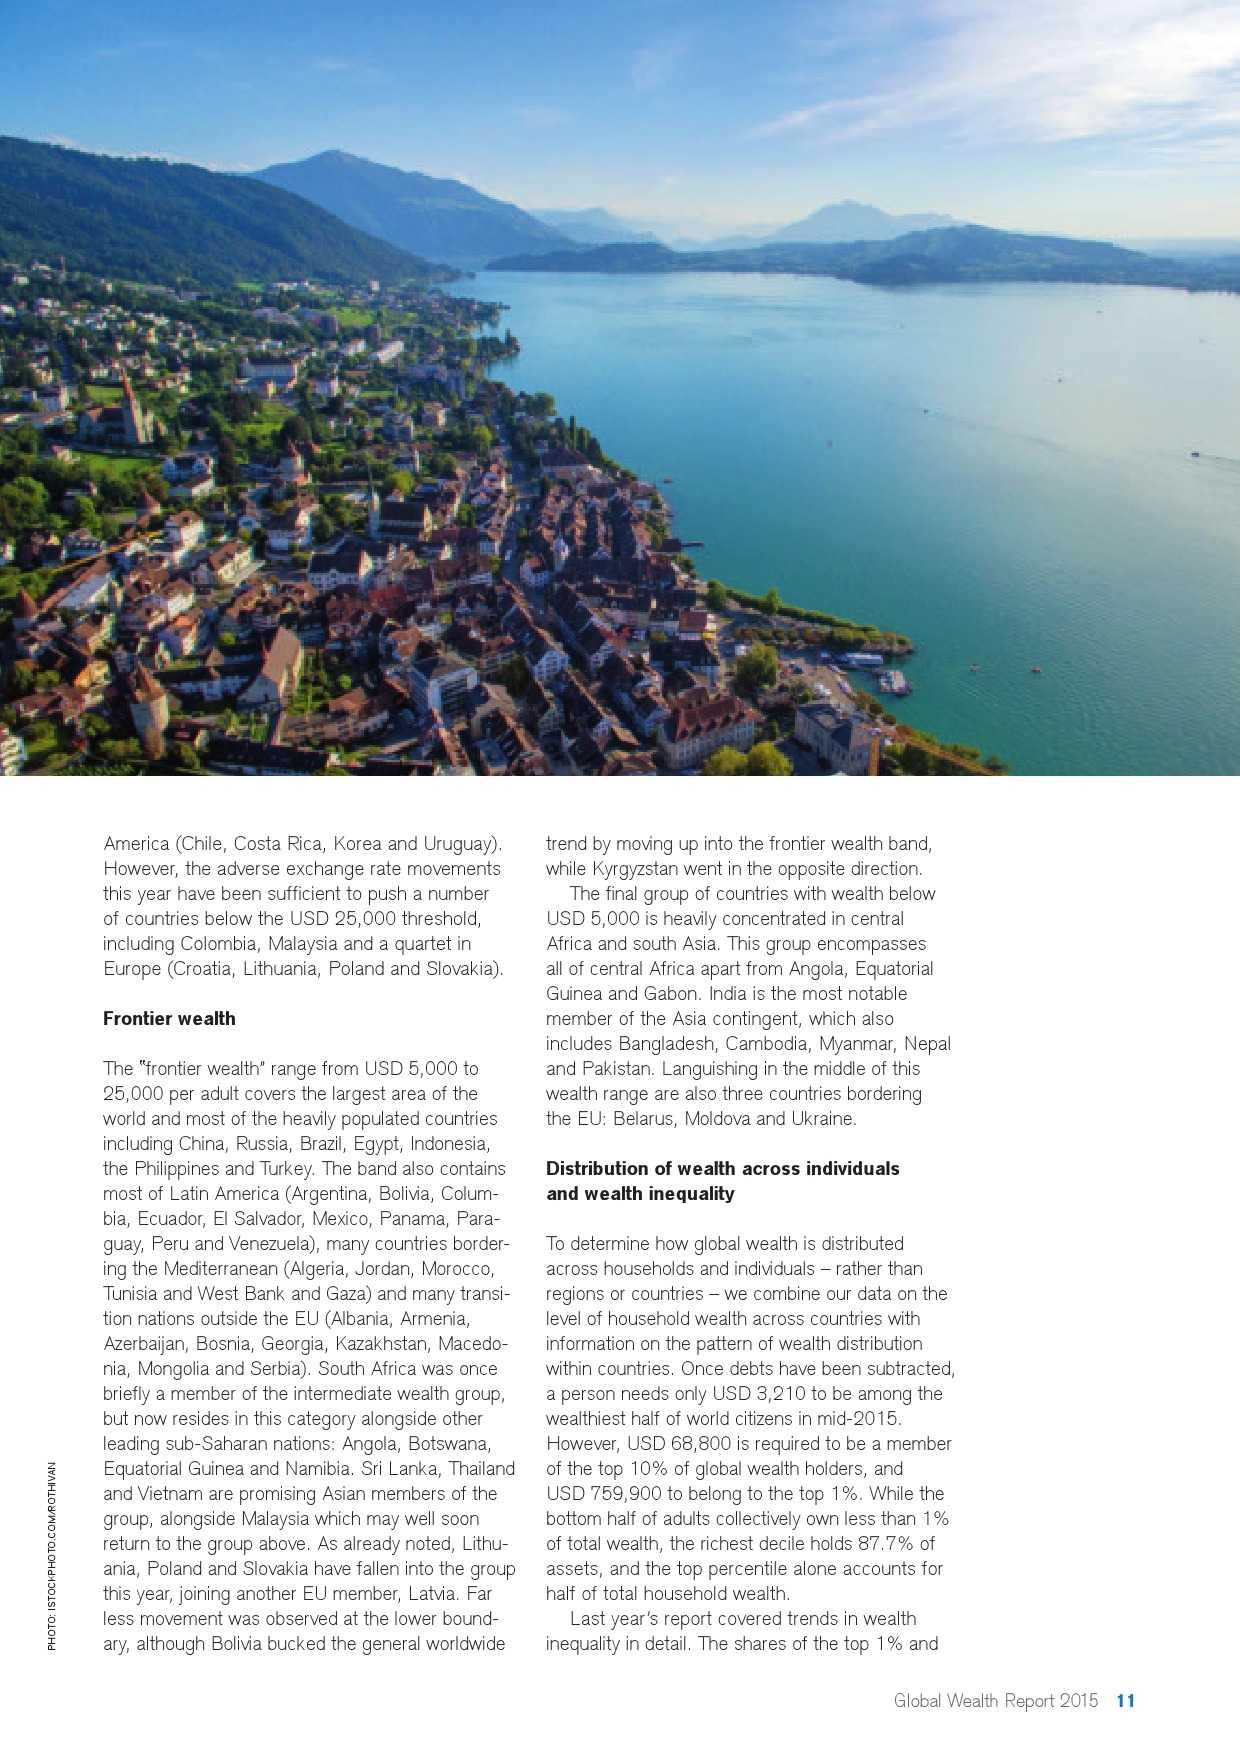 瑞士信贷:2015年全球财富报告_000011